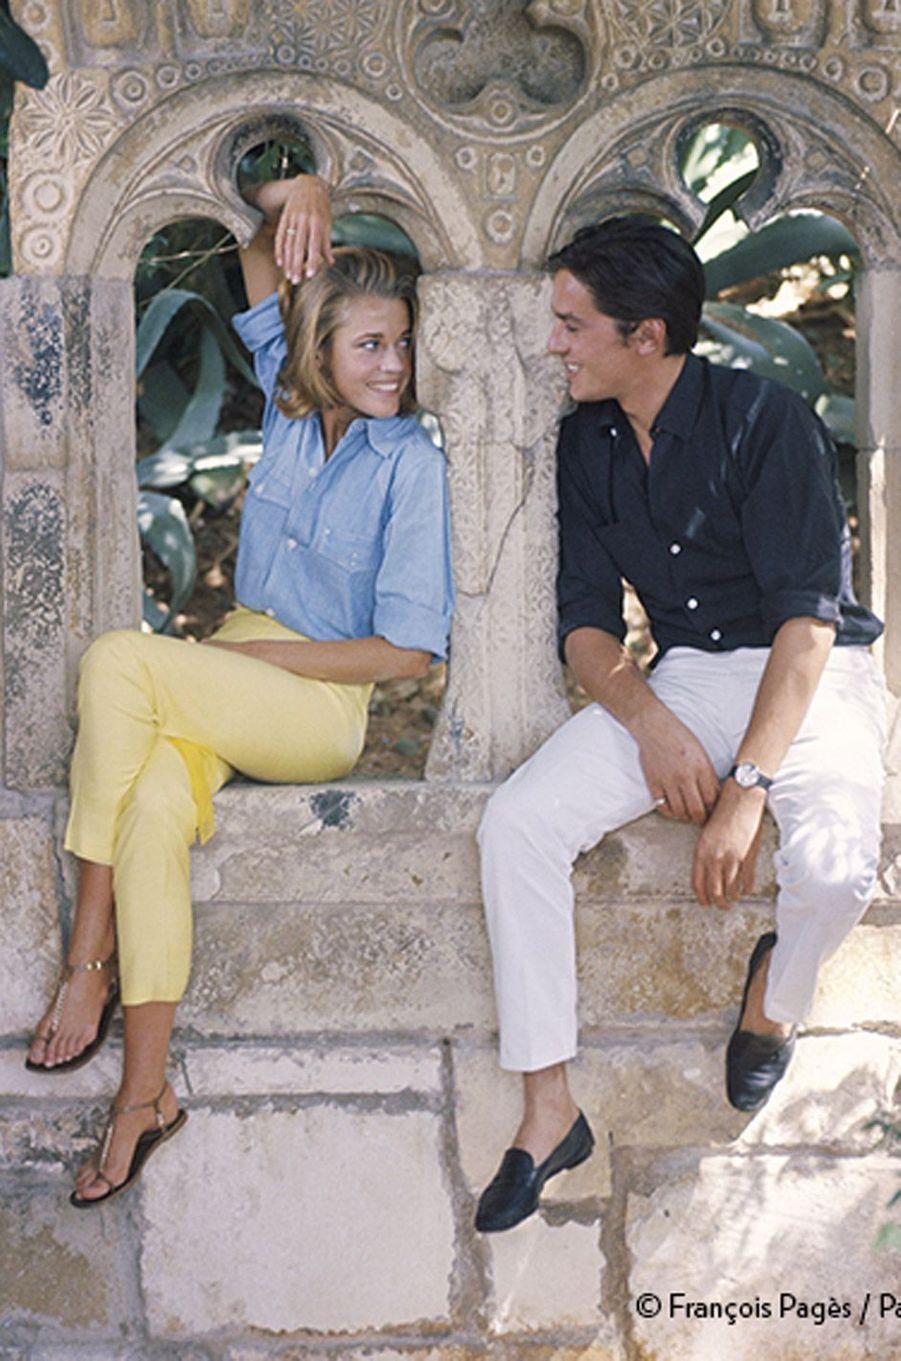 Elle servira de décor au thriller dont ils commenceront le tournage dans quelques jours, le 2 octobre 1963:Les Félins,de René Clément, premier film français de Jane, avant sa rencontre avec Roger Vadim.